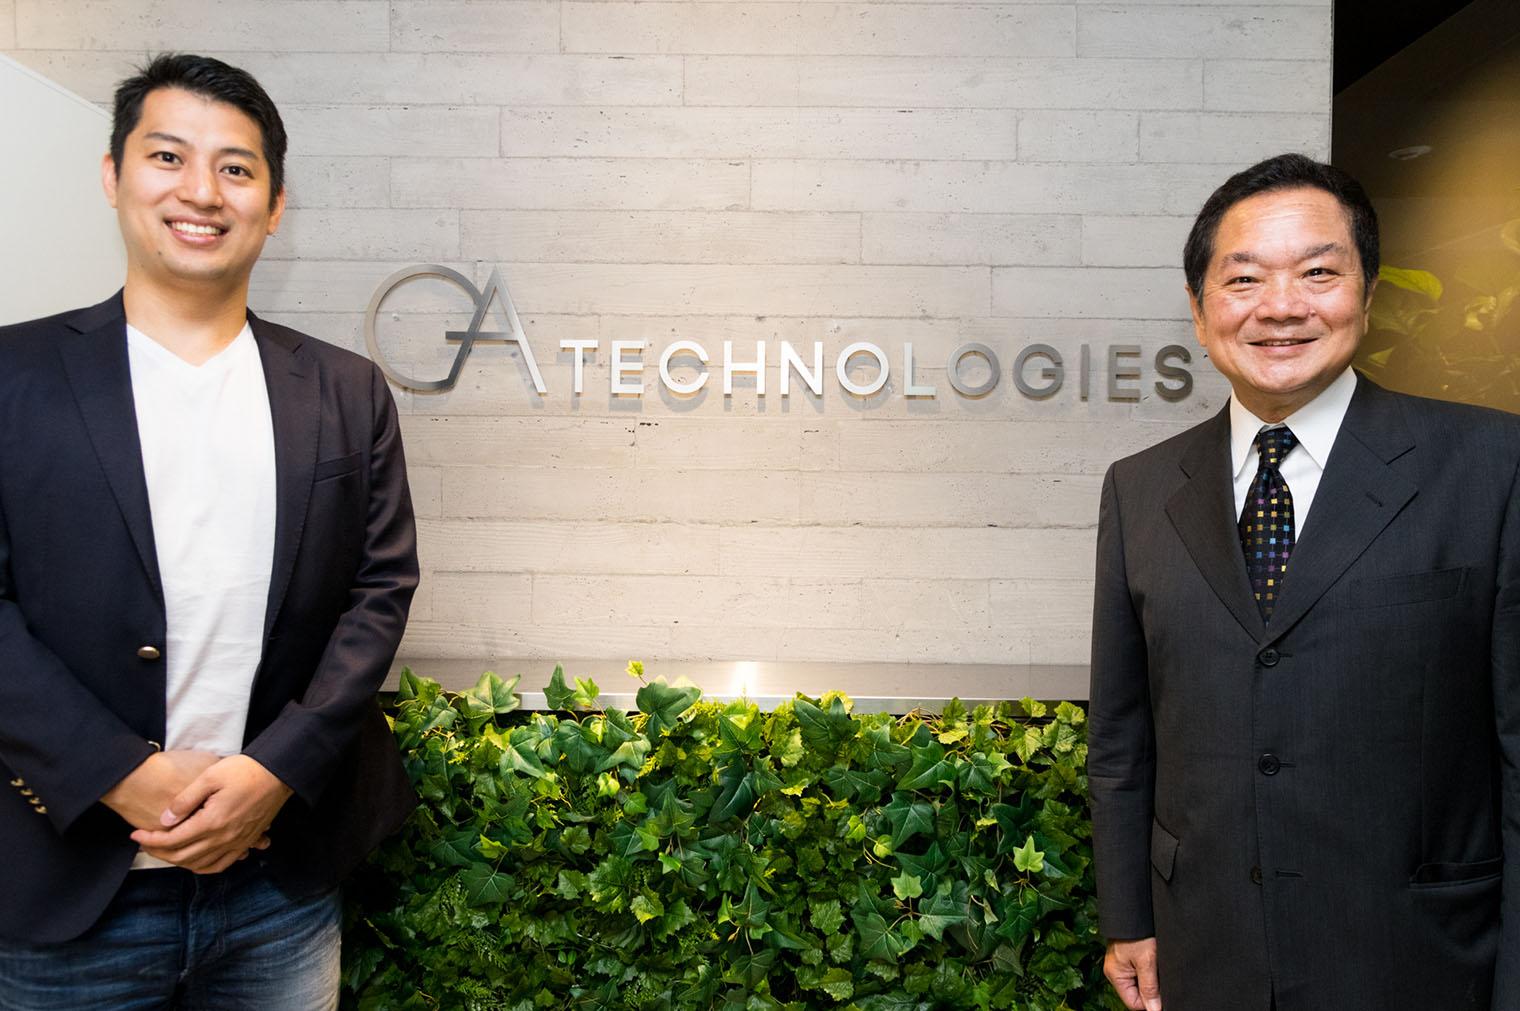 株式会社 GA technologies、久夛良木 健氏が戦略顧問に就任